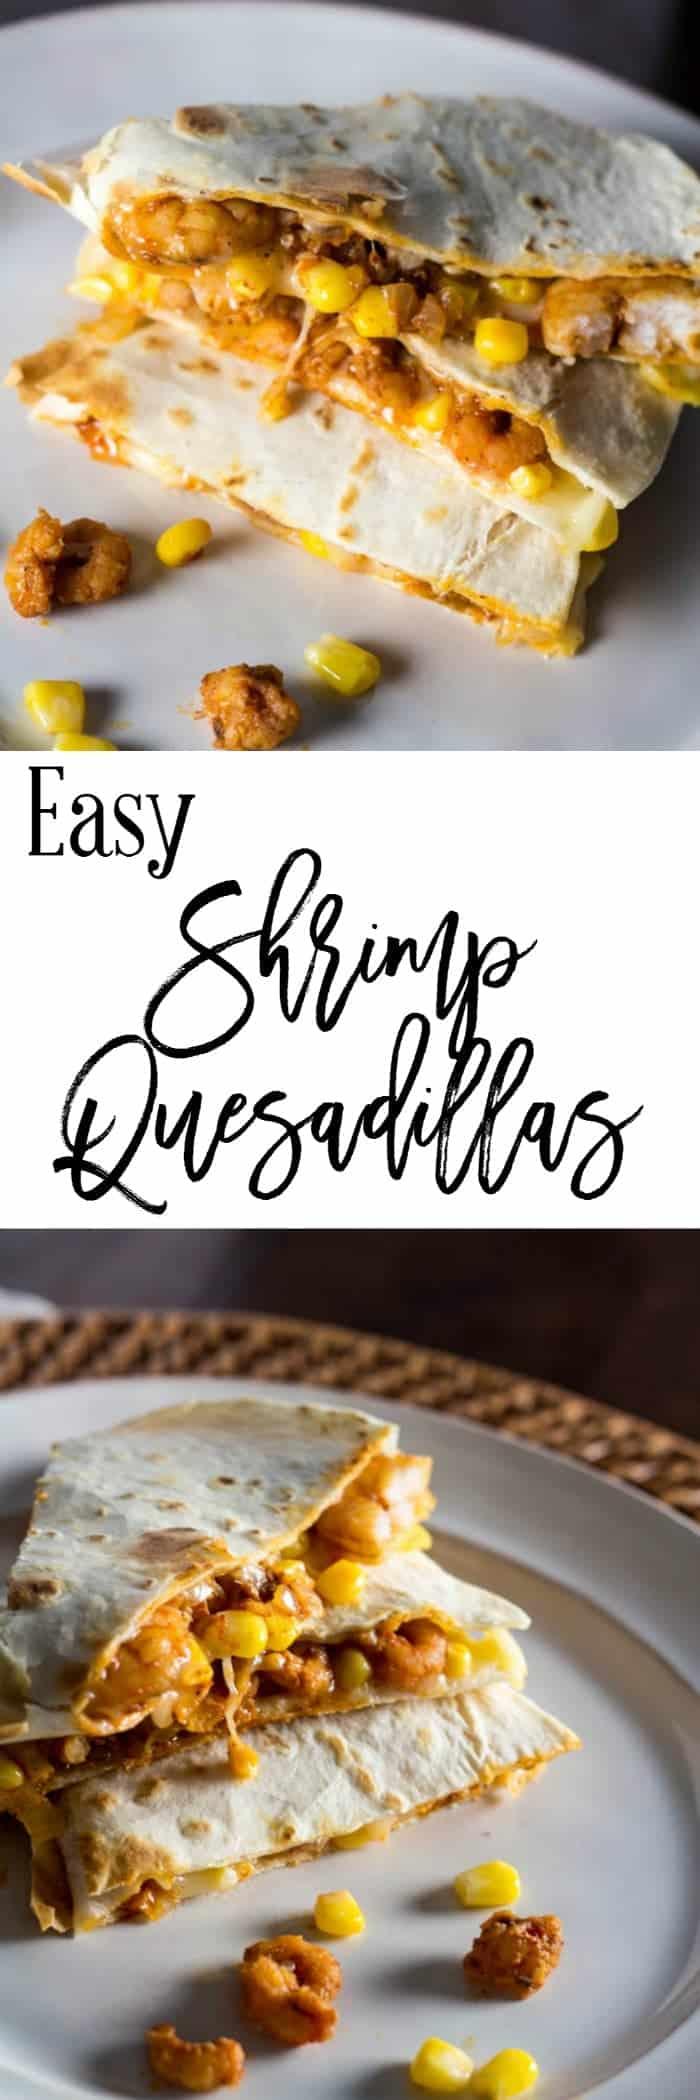 Easy Shrimp Quesadillas